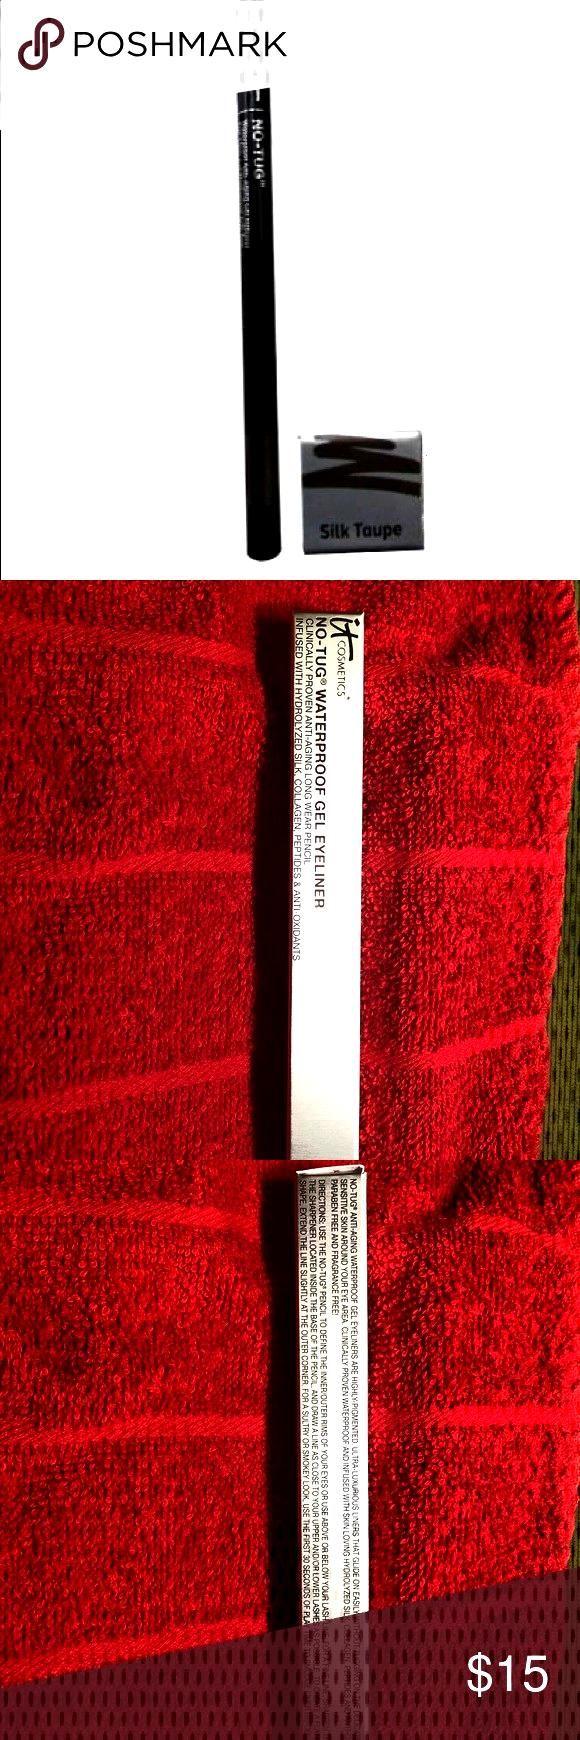 No-tug Waterproof Anti-aging Gel Liner- black It No-tug Waterproof Anti-aging Gel Liner- black See